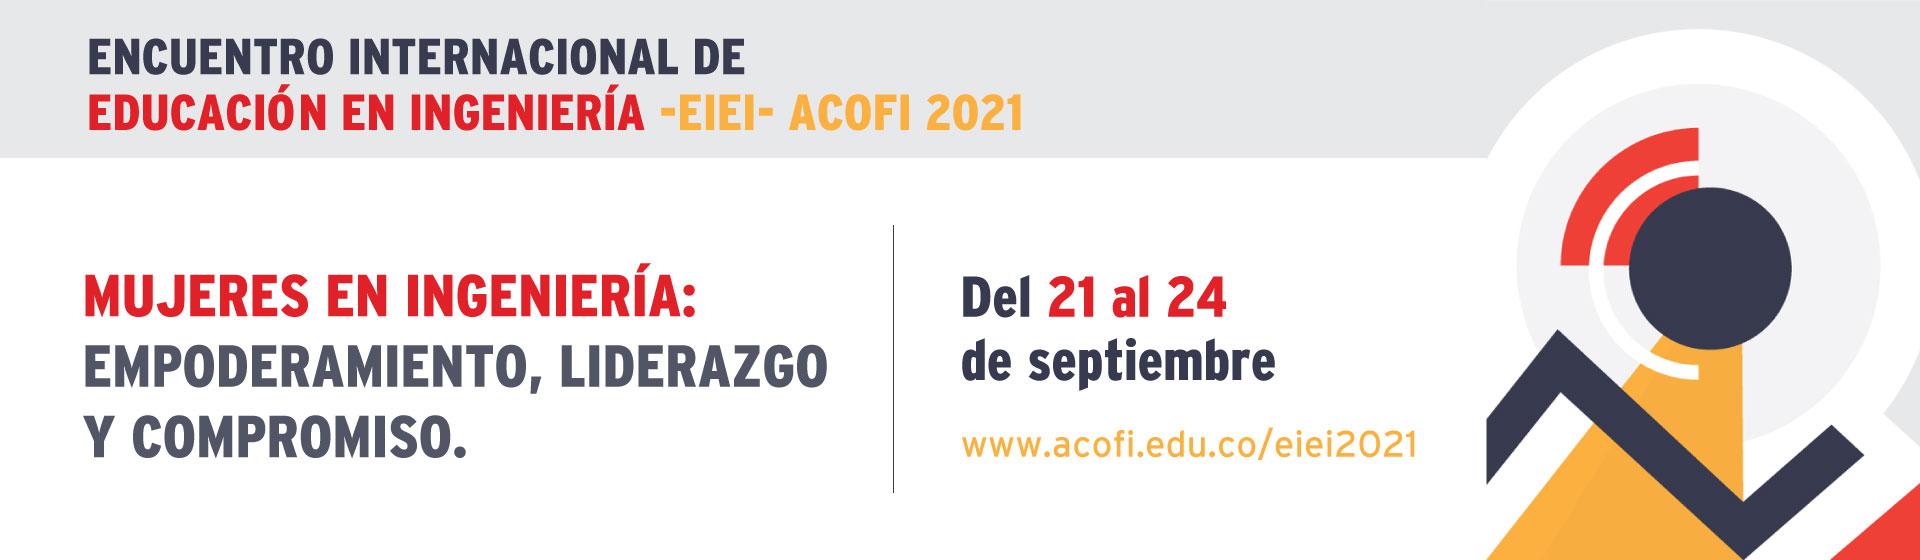 Encuentro Internacional de Educación en Ingeniería -EIEI- ACOFI 2021